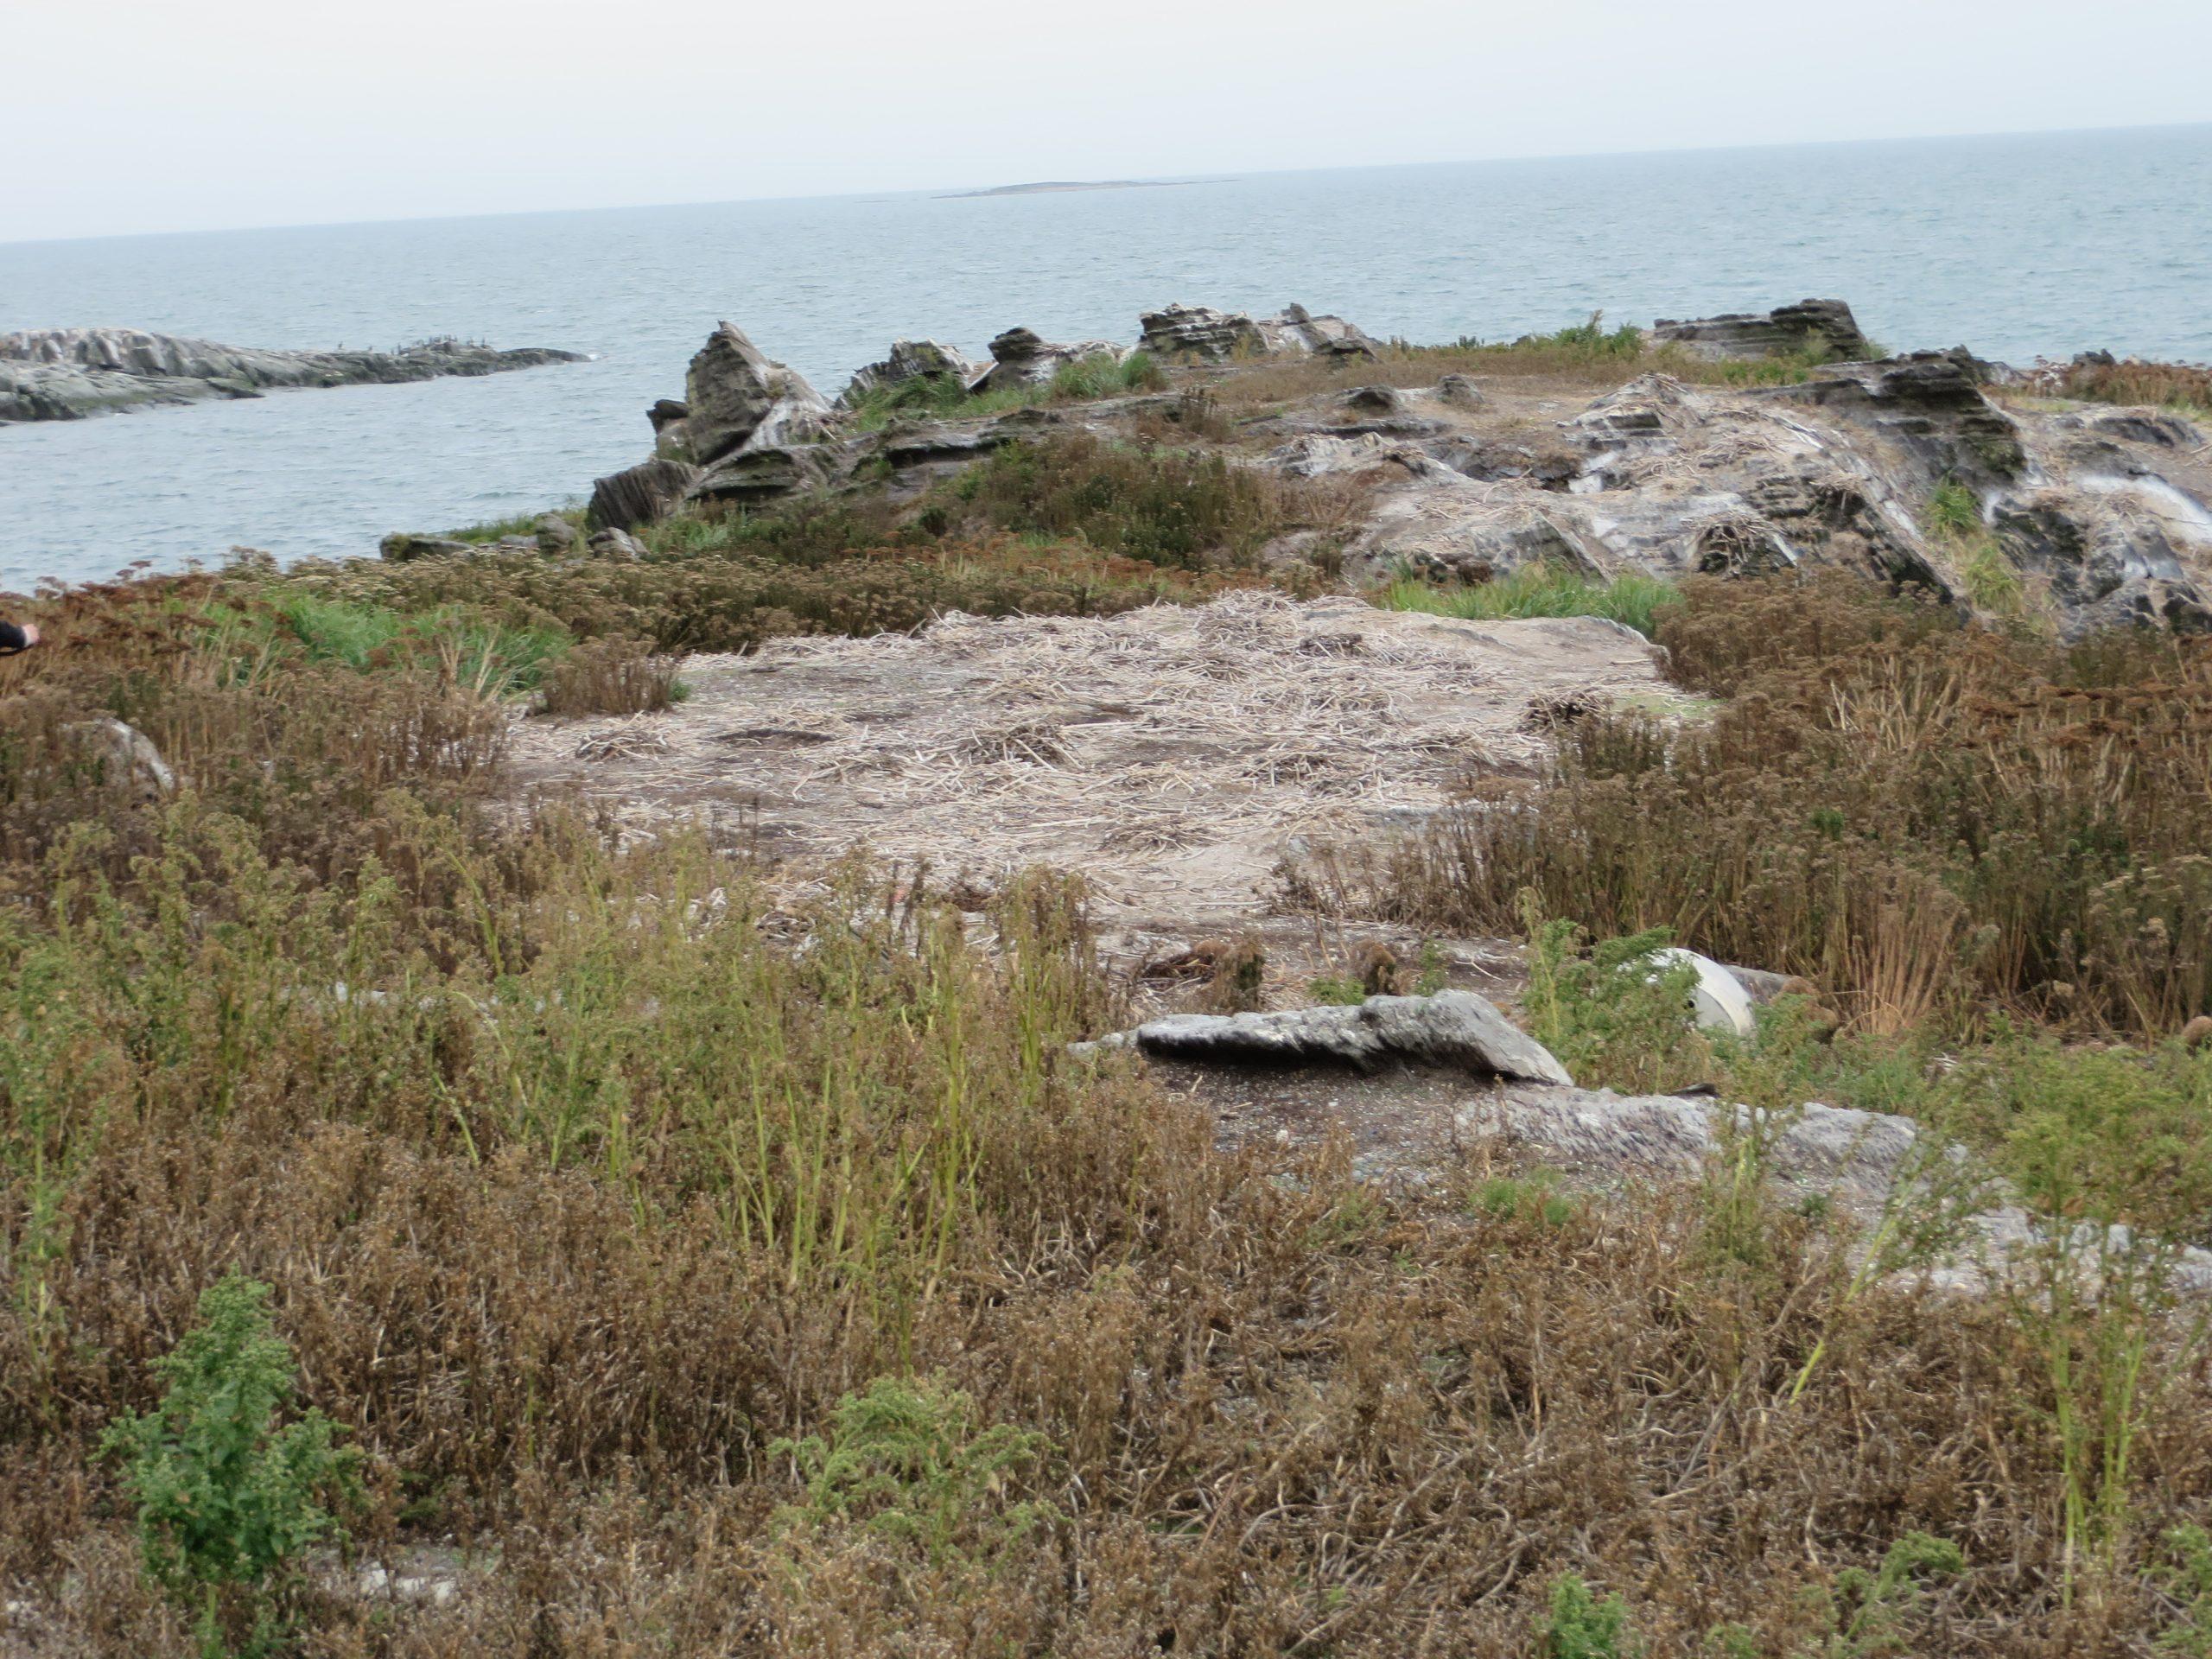 Contrôle du cormoran aux îles Razade, septembre 2017